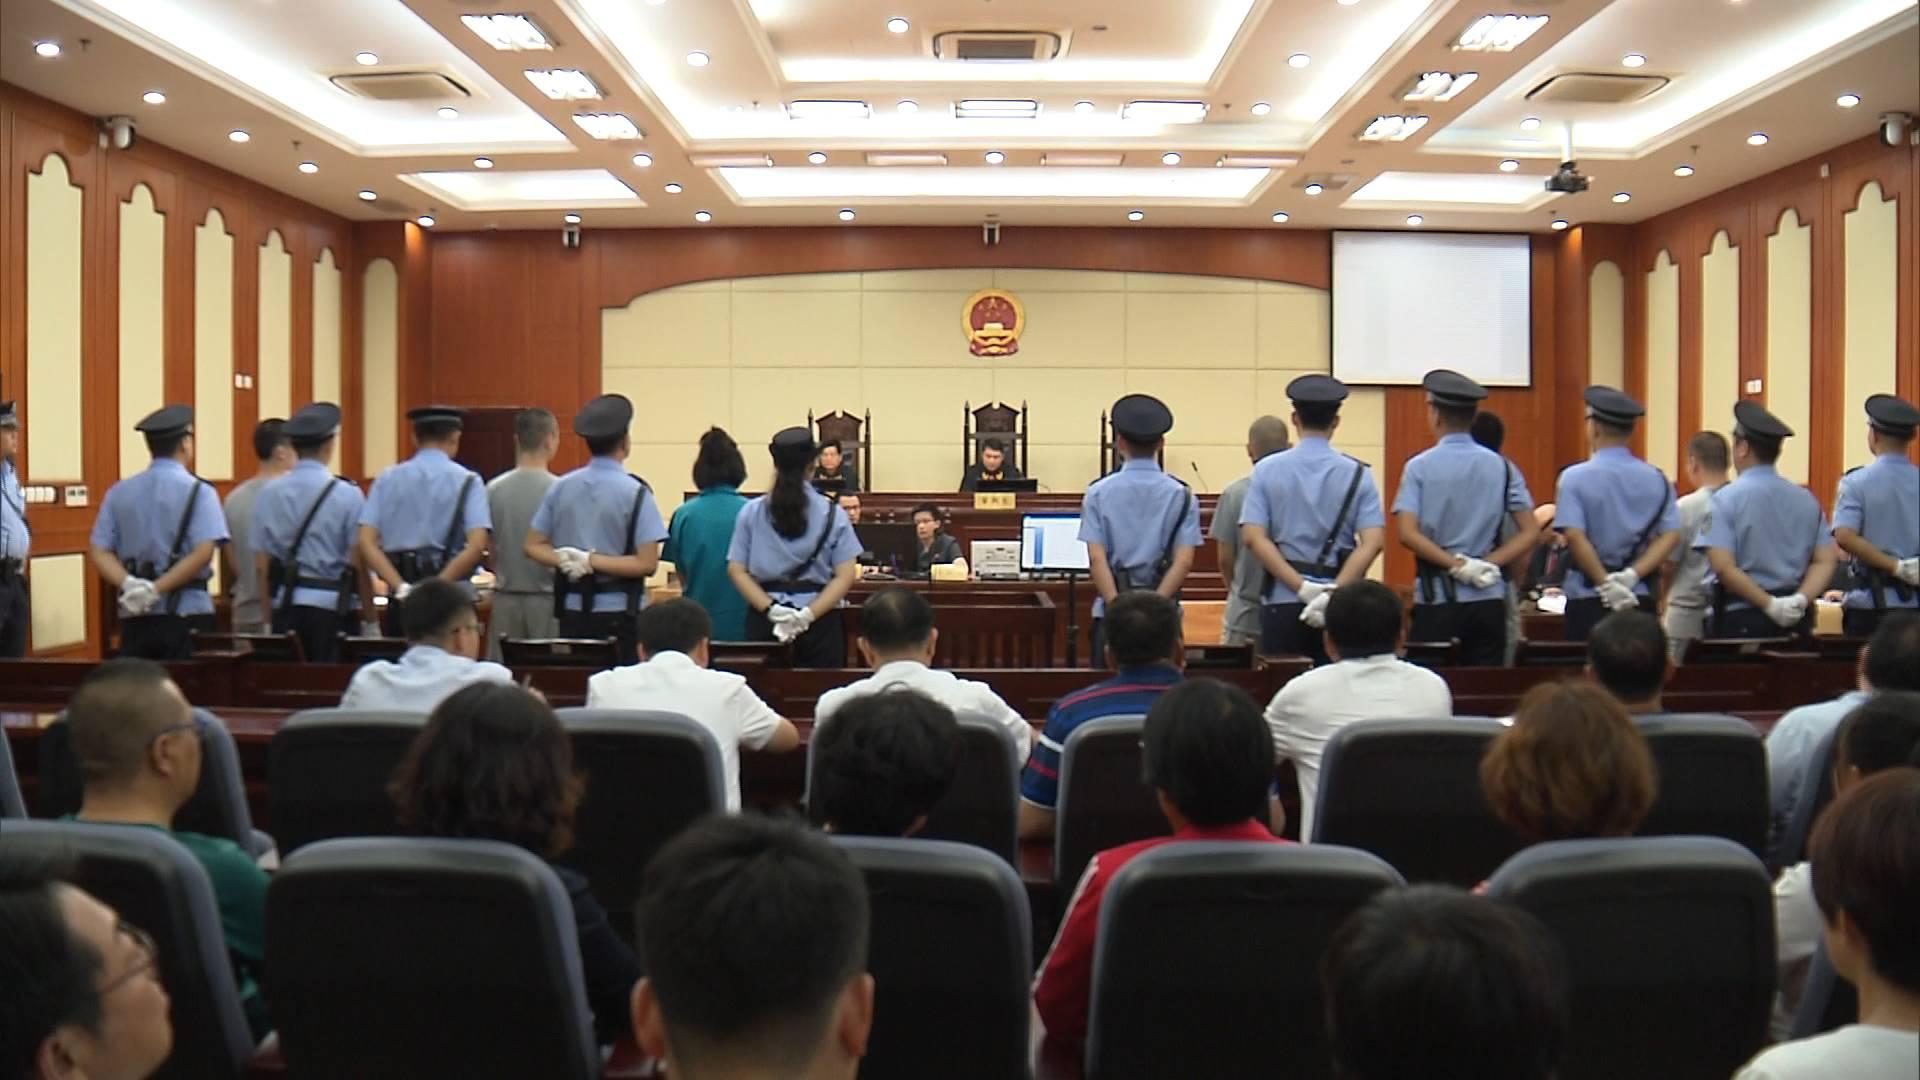 淄博中院公开审理以王天宇为首的恶势力犯罪集团案件